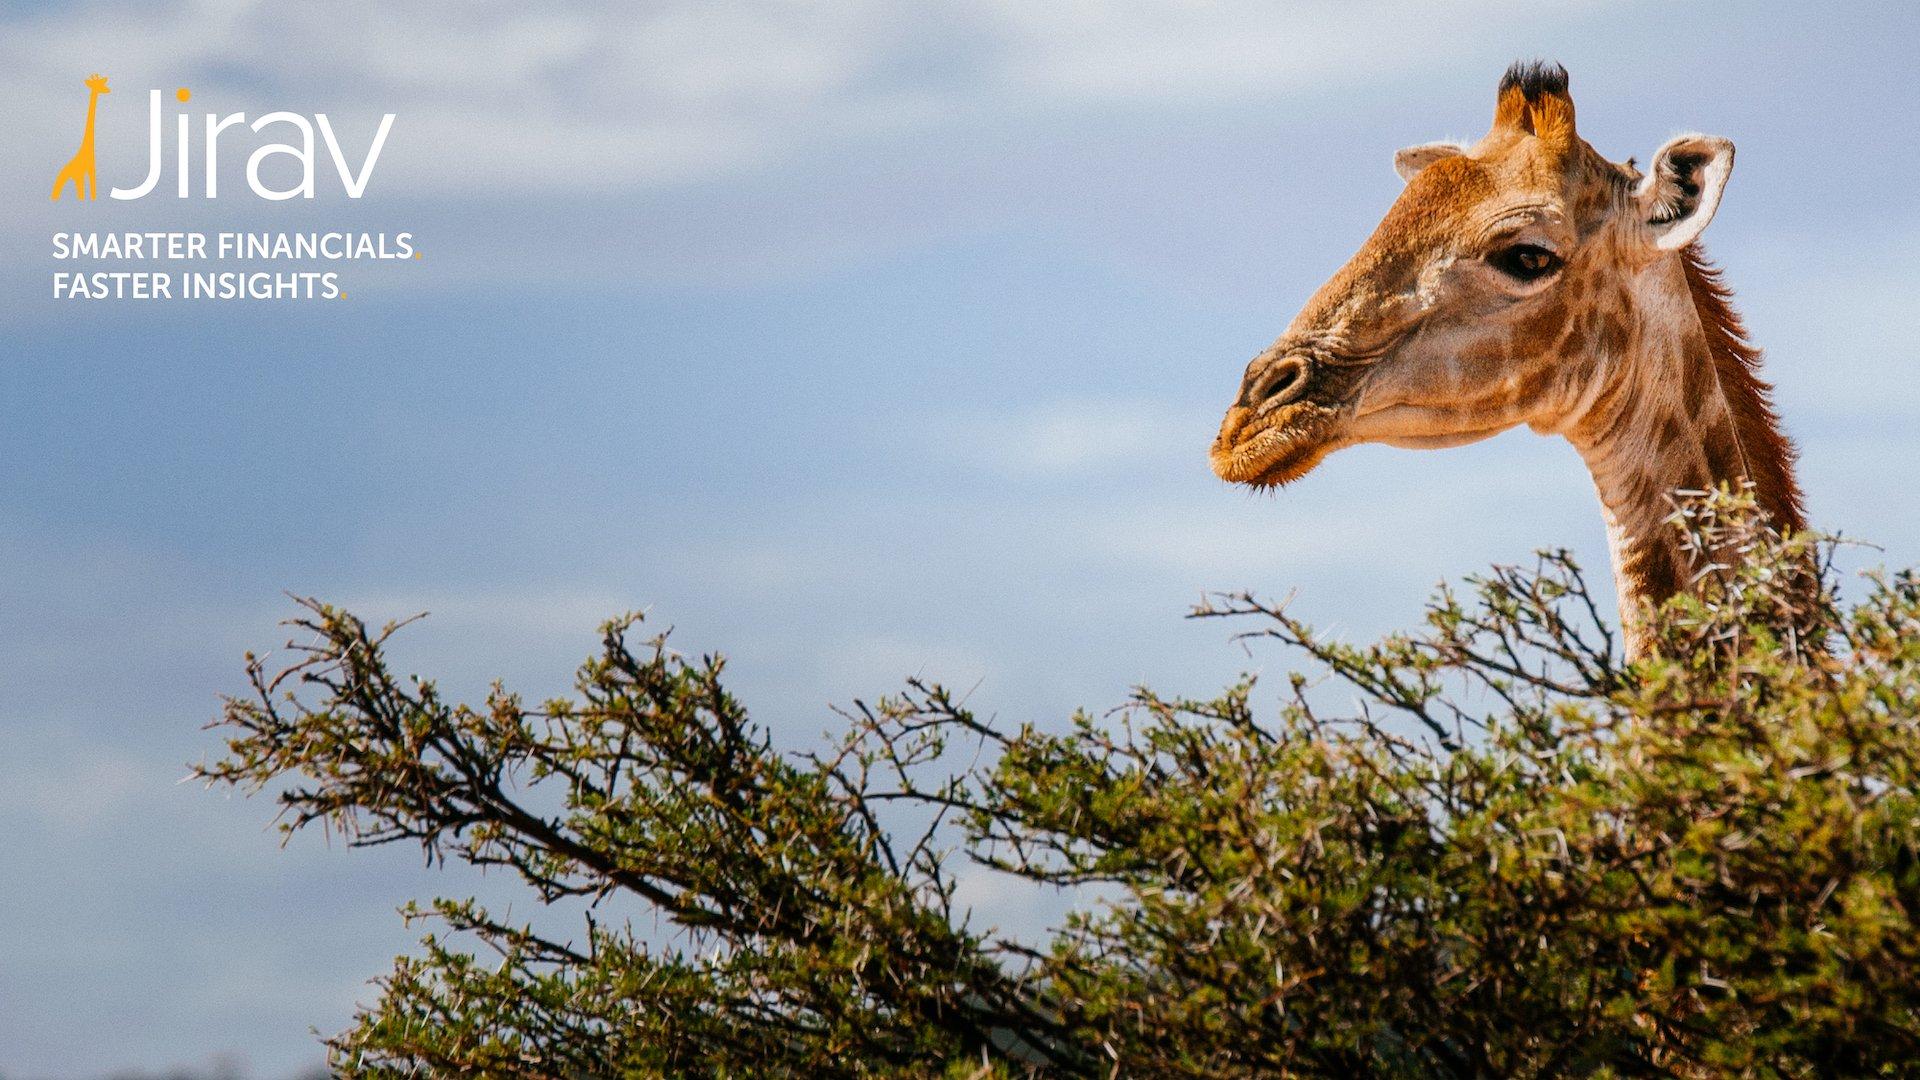 jirav giraffe